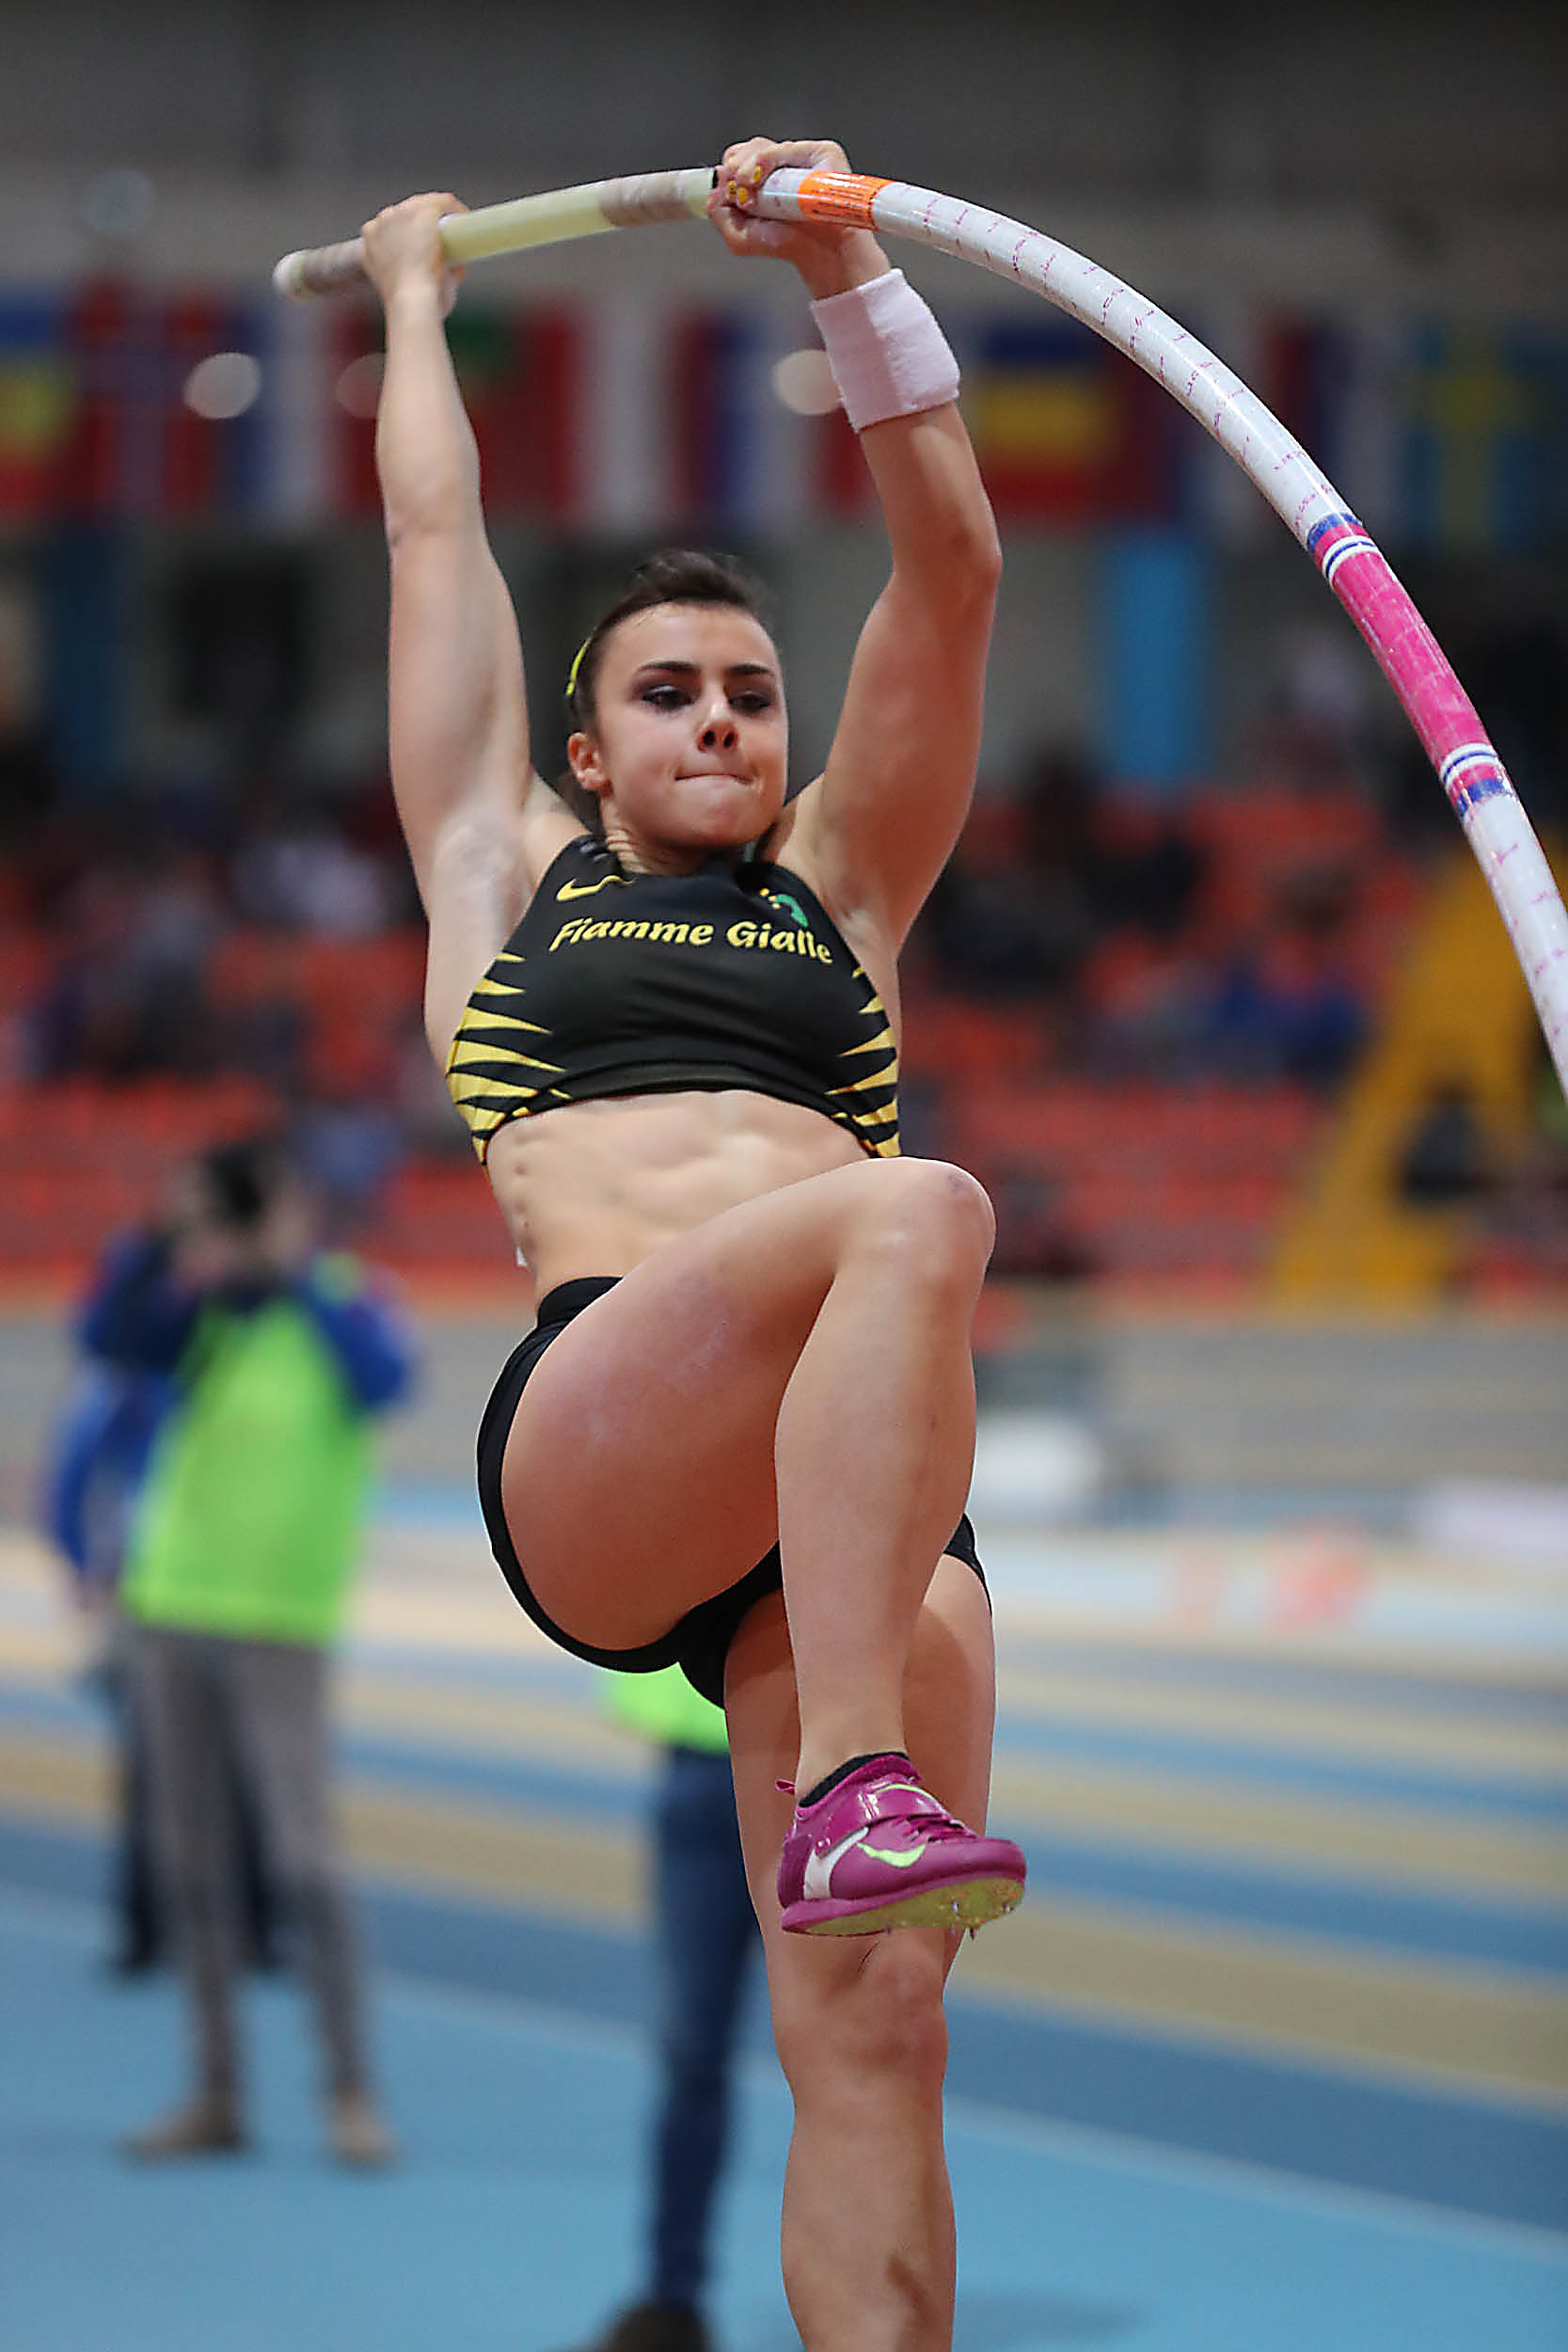 Sonia Malavisi all'esordio nell'asta salta 4,04 in Francia